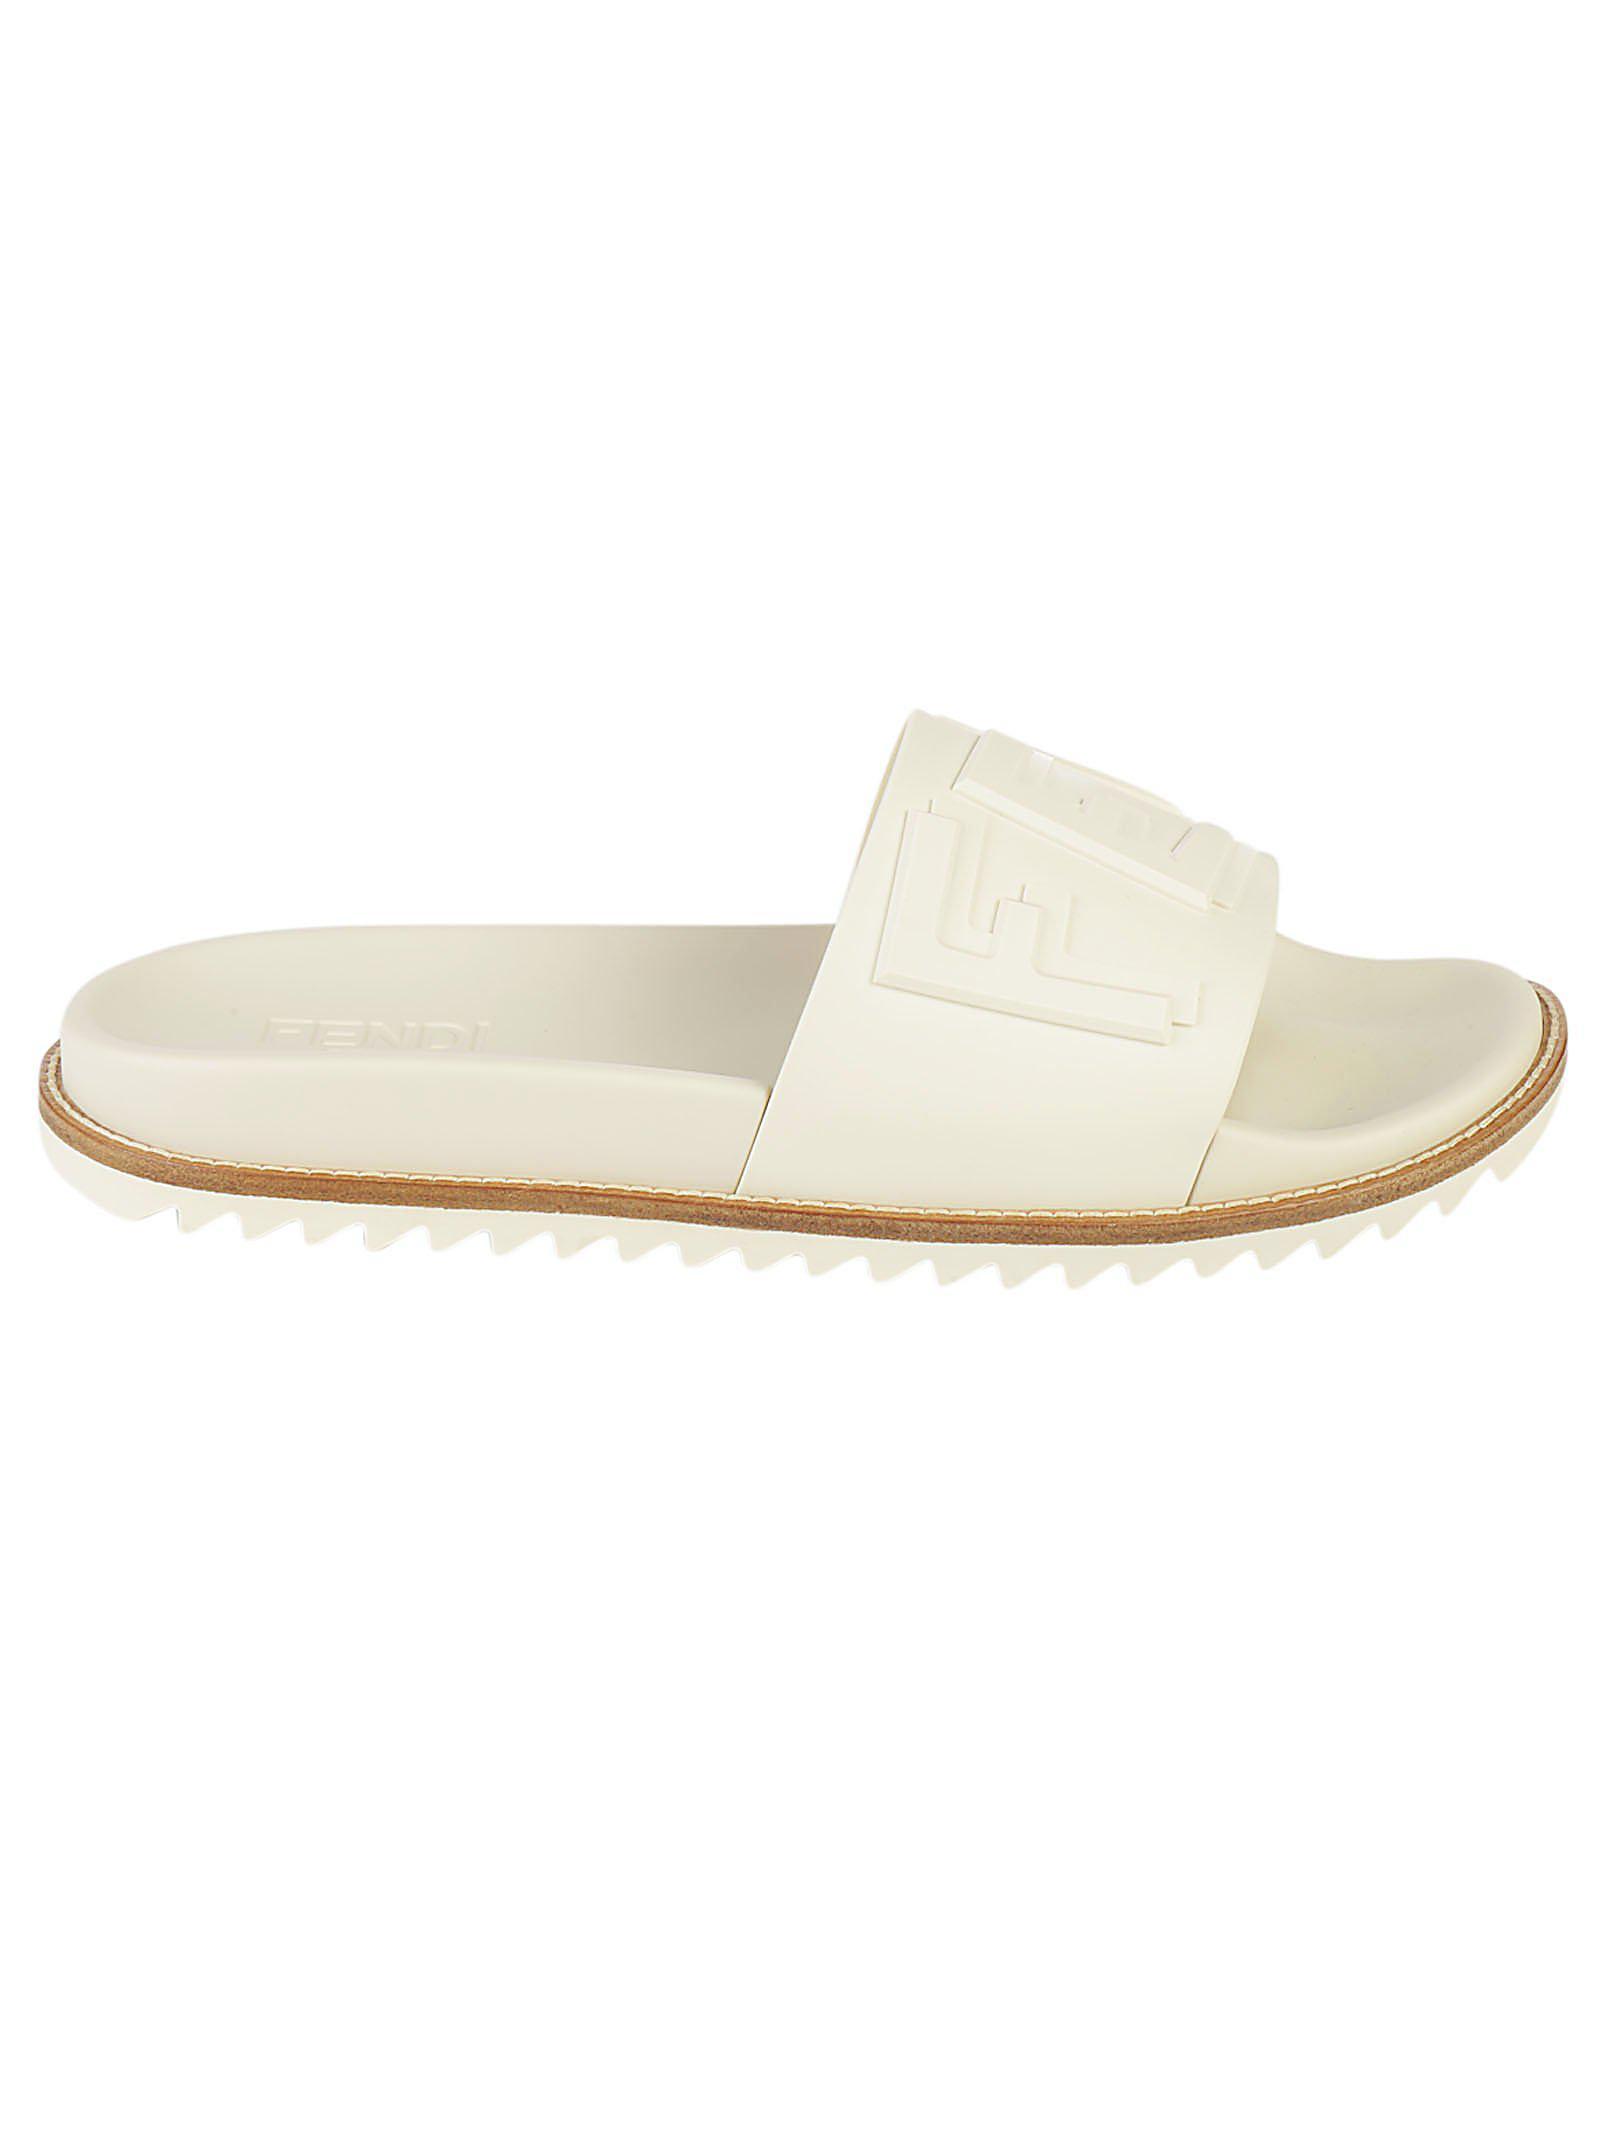 53b0dbcc9c96 Lyst - Fendi Logo Slides in White